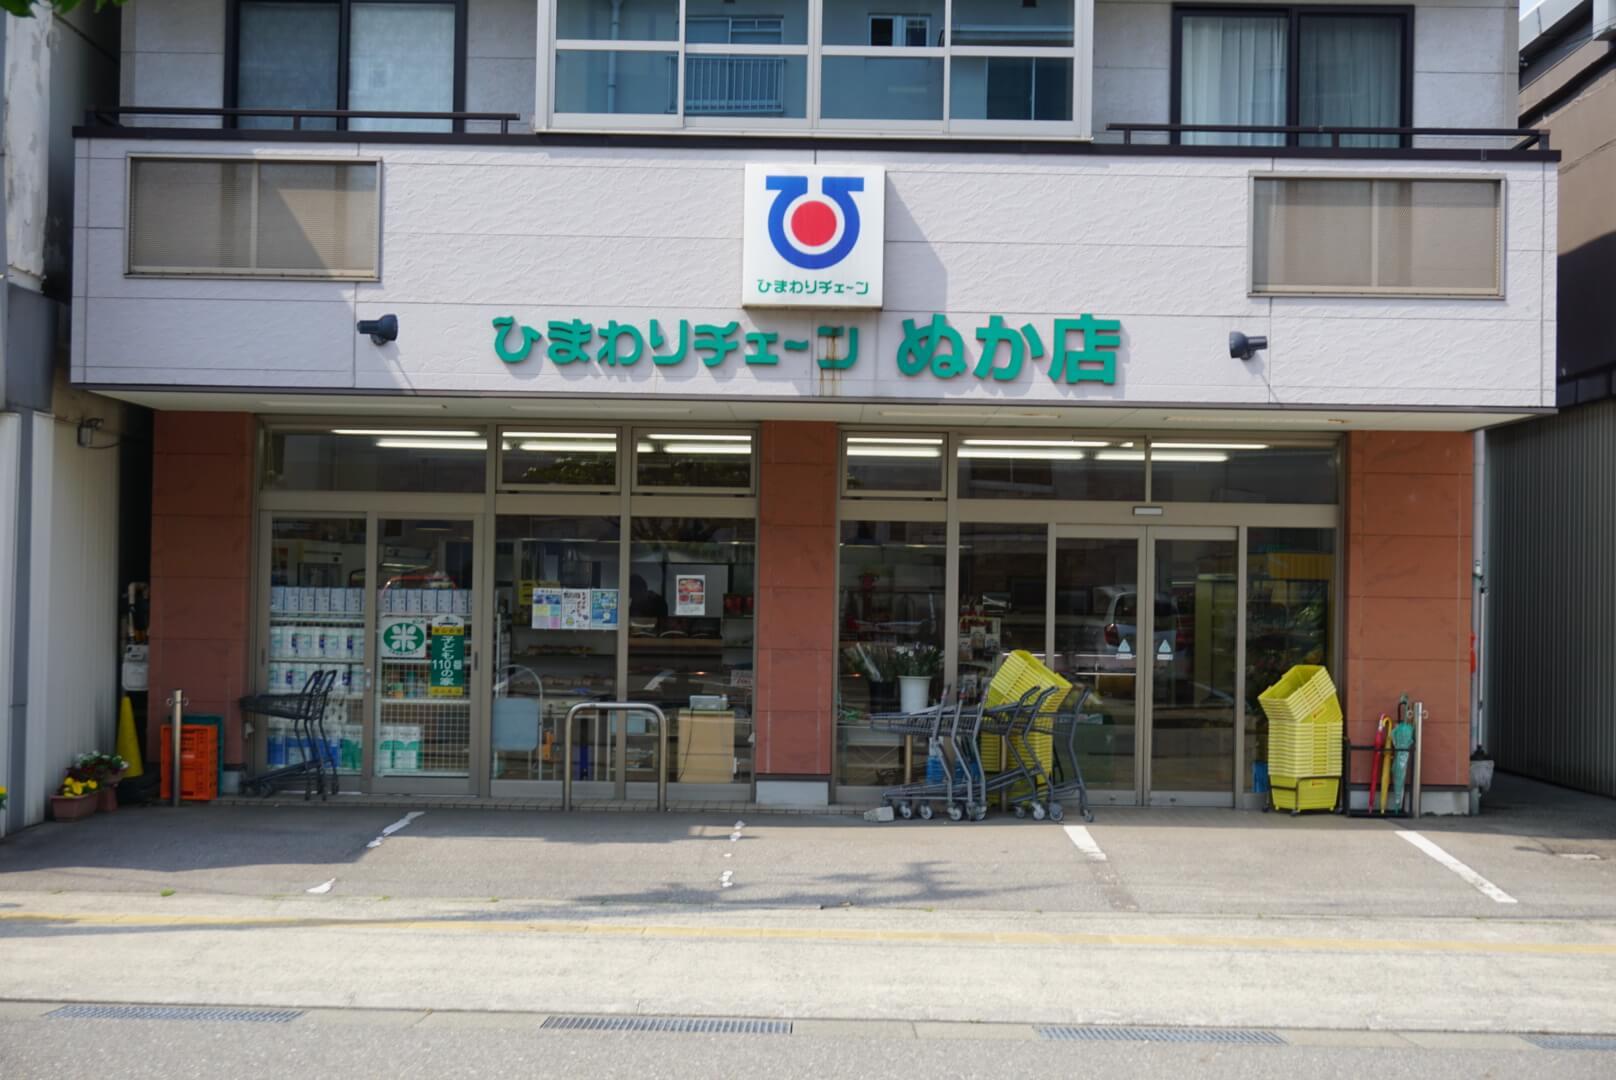 創業50年の「町の小さなスーパー」の手作り惣菜・鮮魚コーナーに店主のキメ細やかな対応を見た